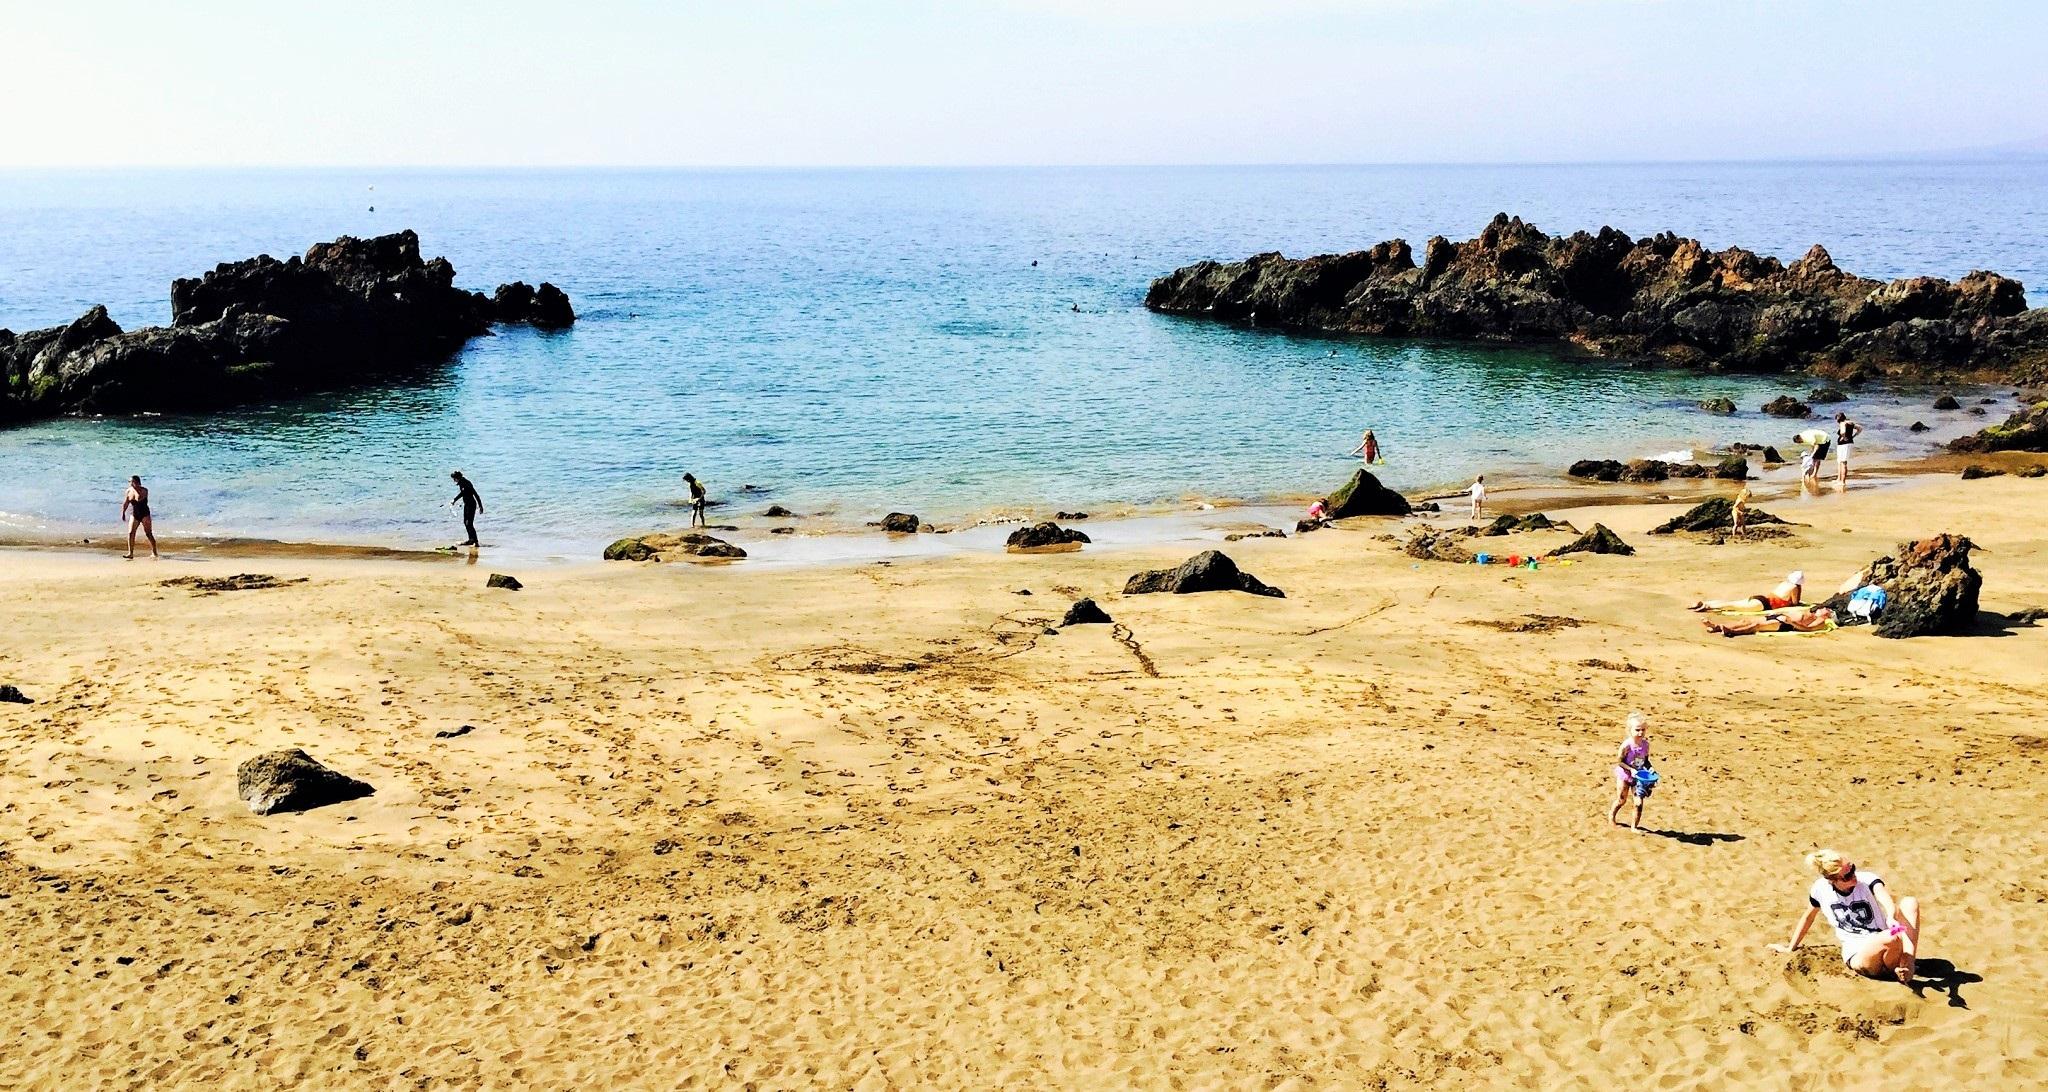 Playa de La Barrilla, Puerto del Carmen, Lanzarote